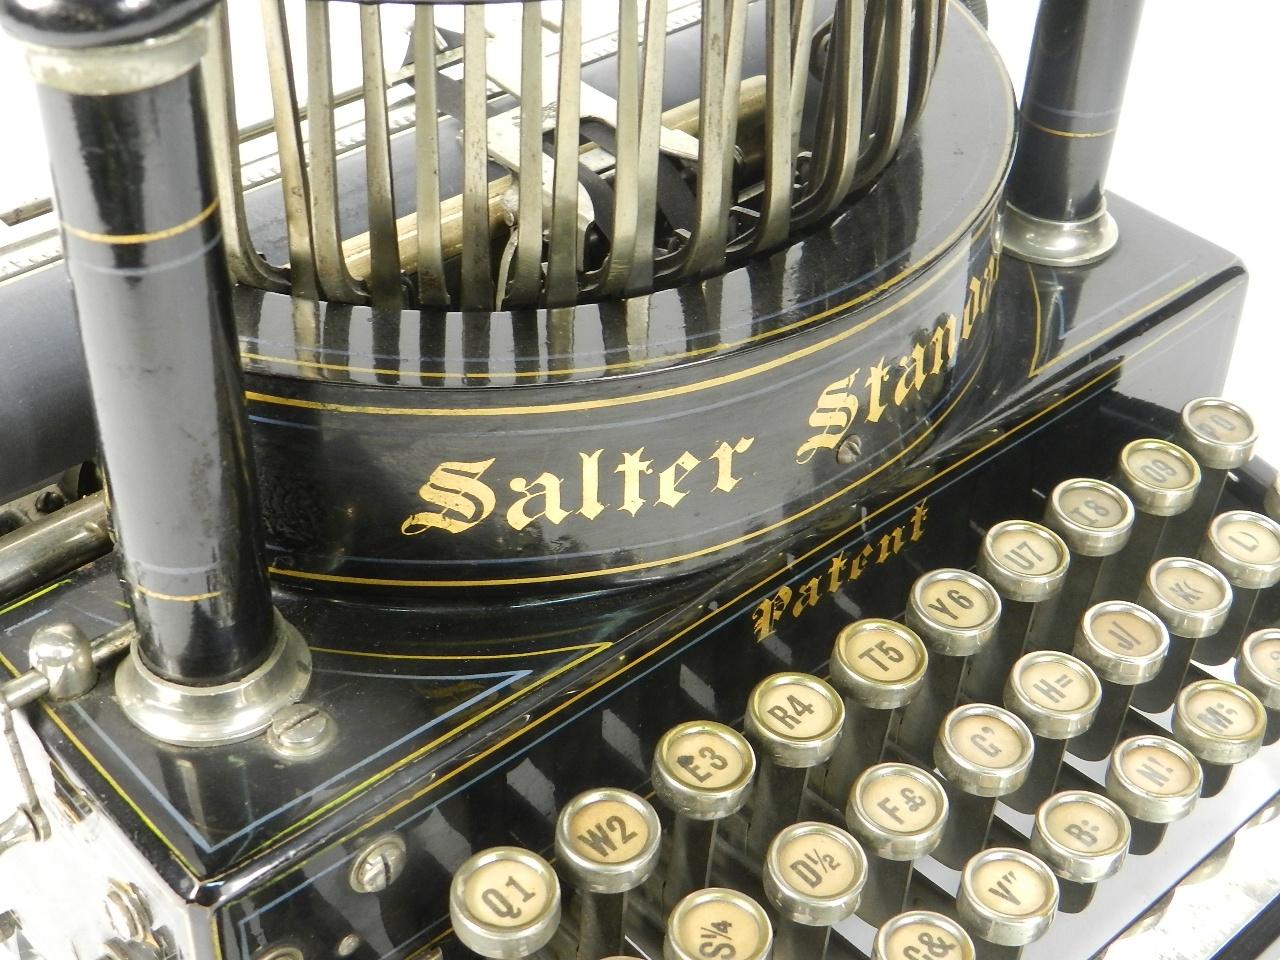 Imagen SALTER Nº6  AÑO 1900 38614